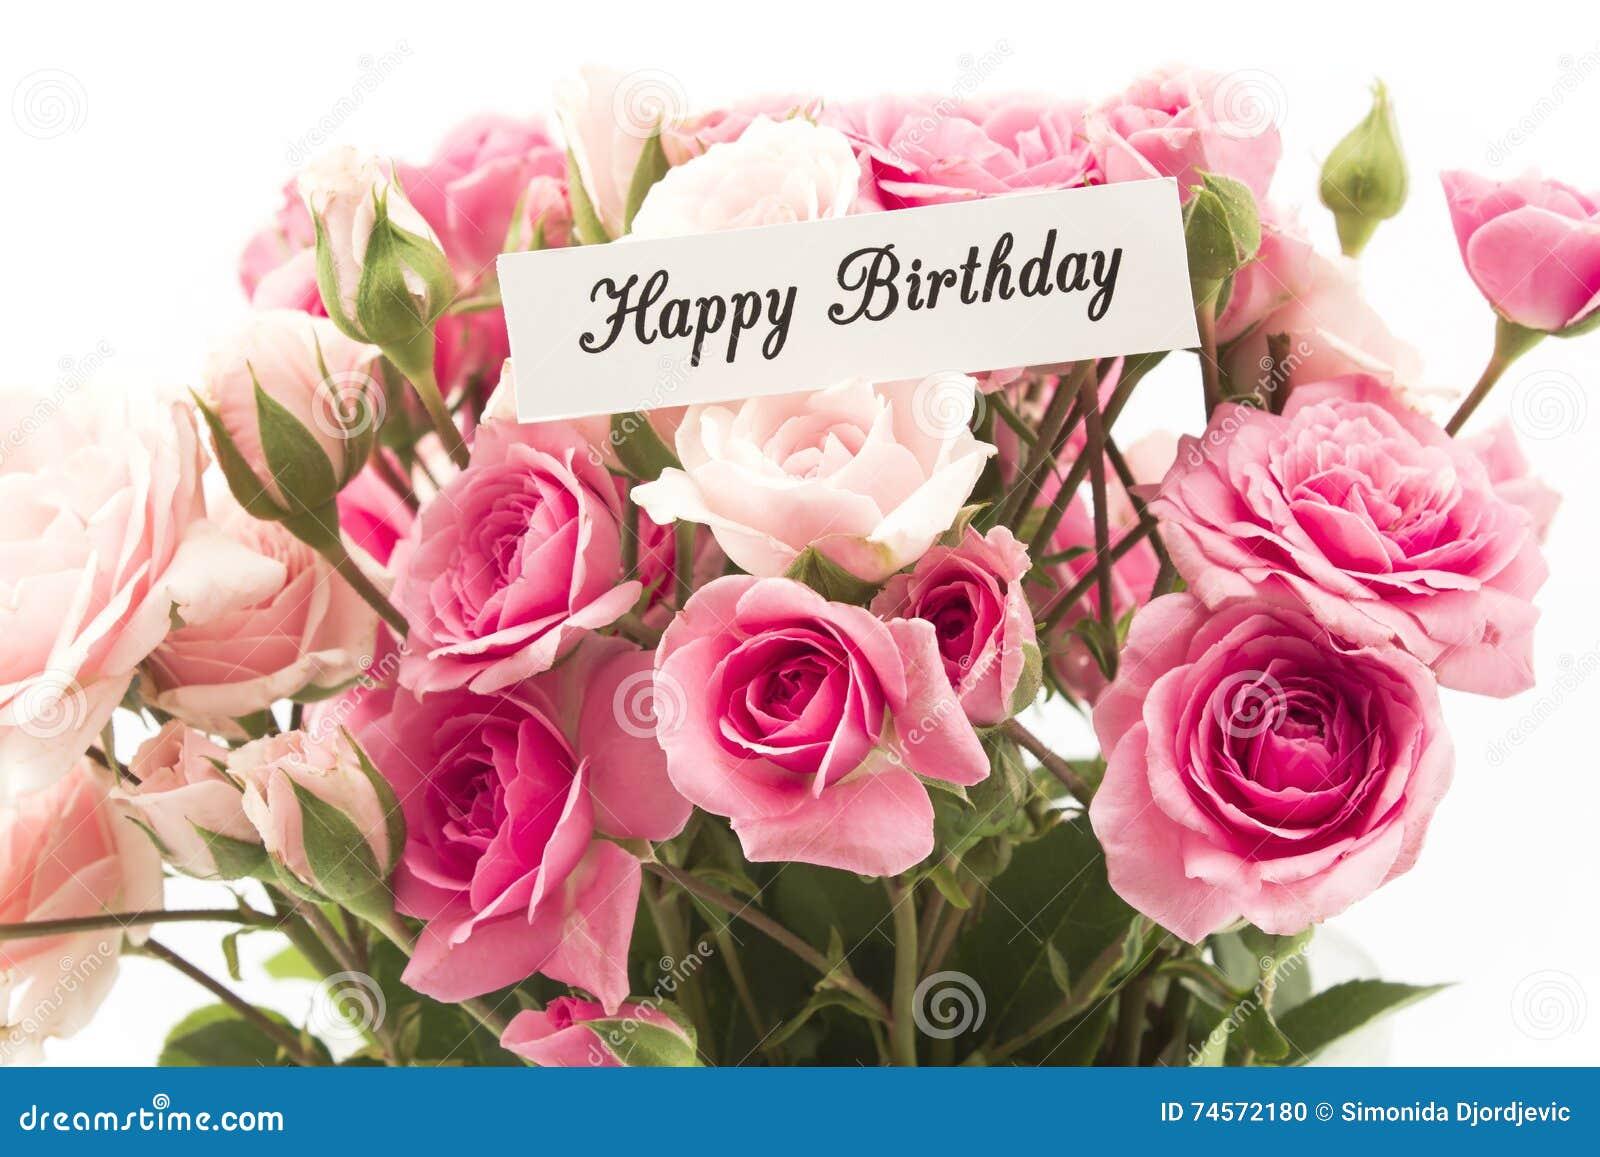 Flores De Aniversario: Cartão Do Feliz Aniversario Com O Ramalhete De Rosas Cor